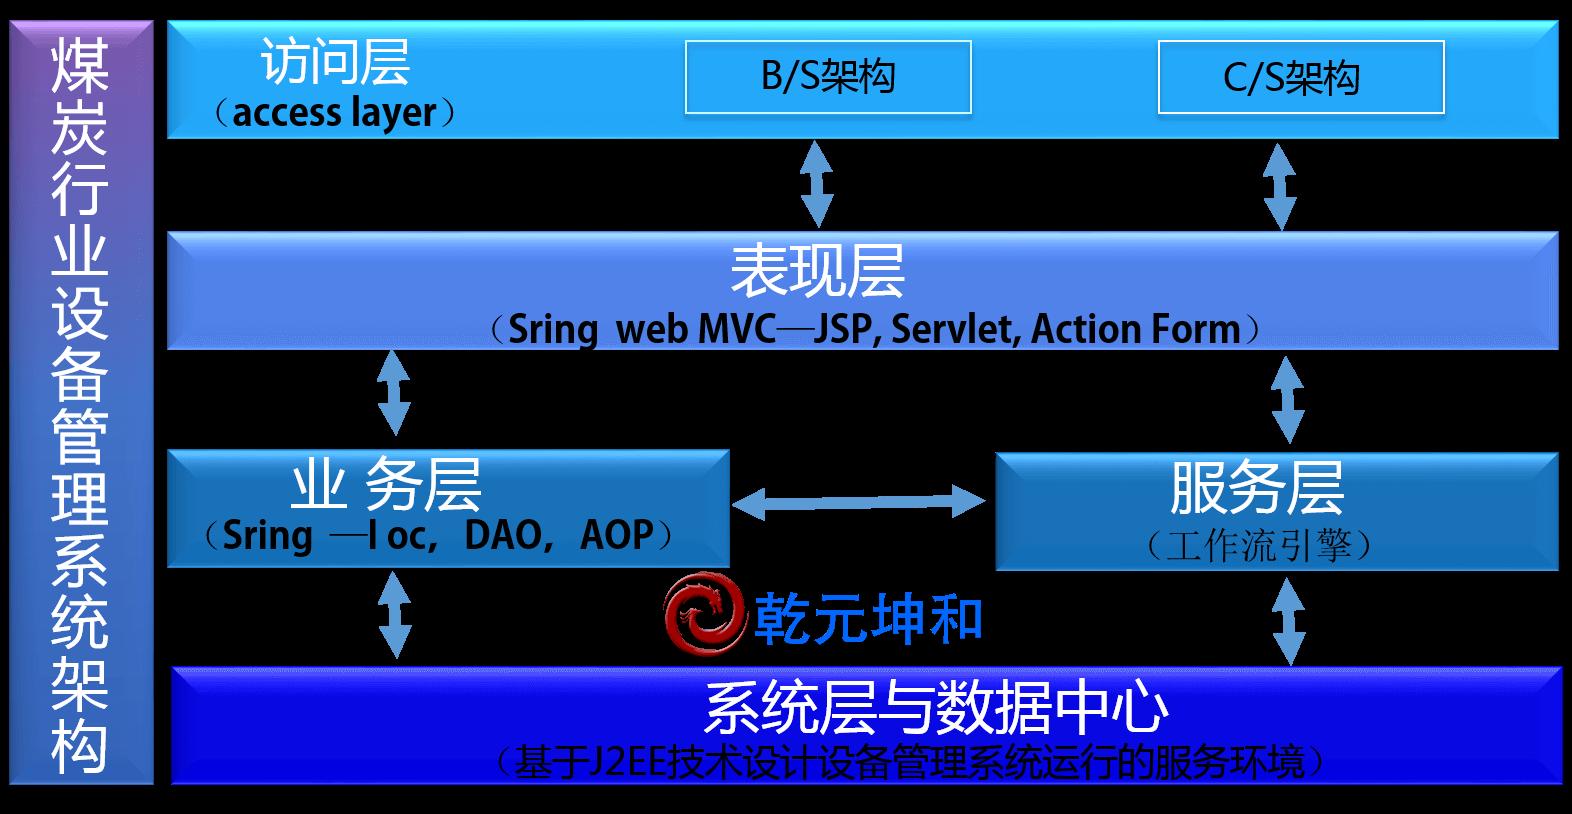 煤炭行业设备管理系统架构